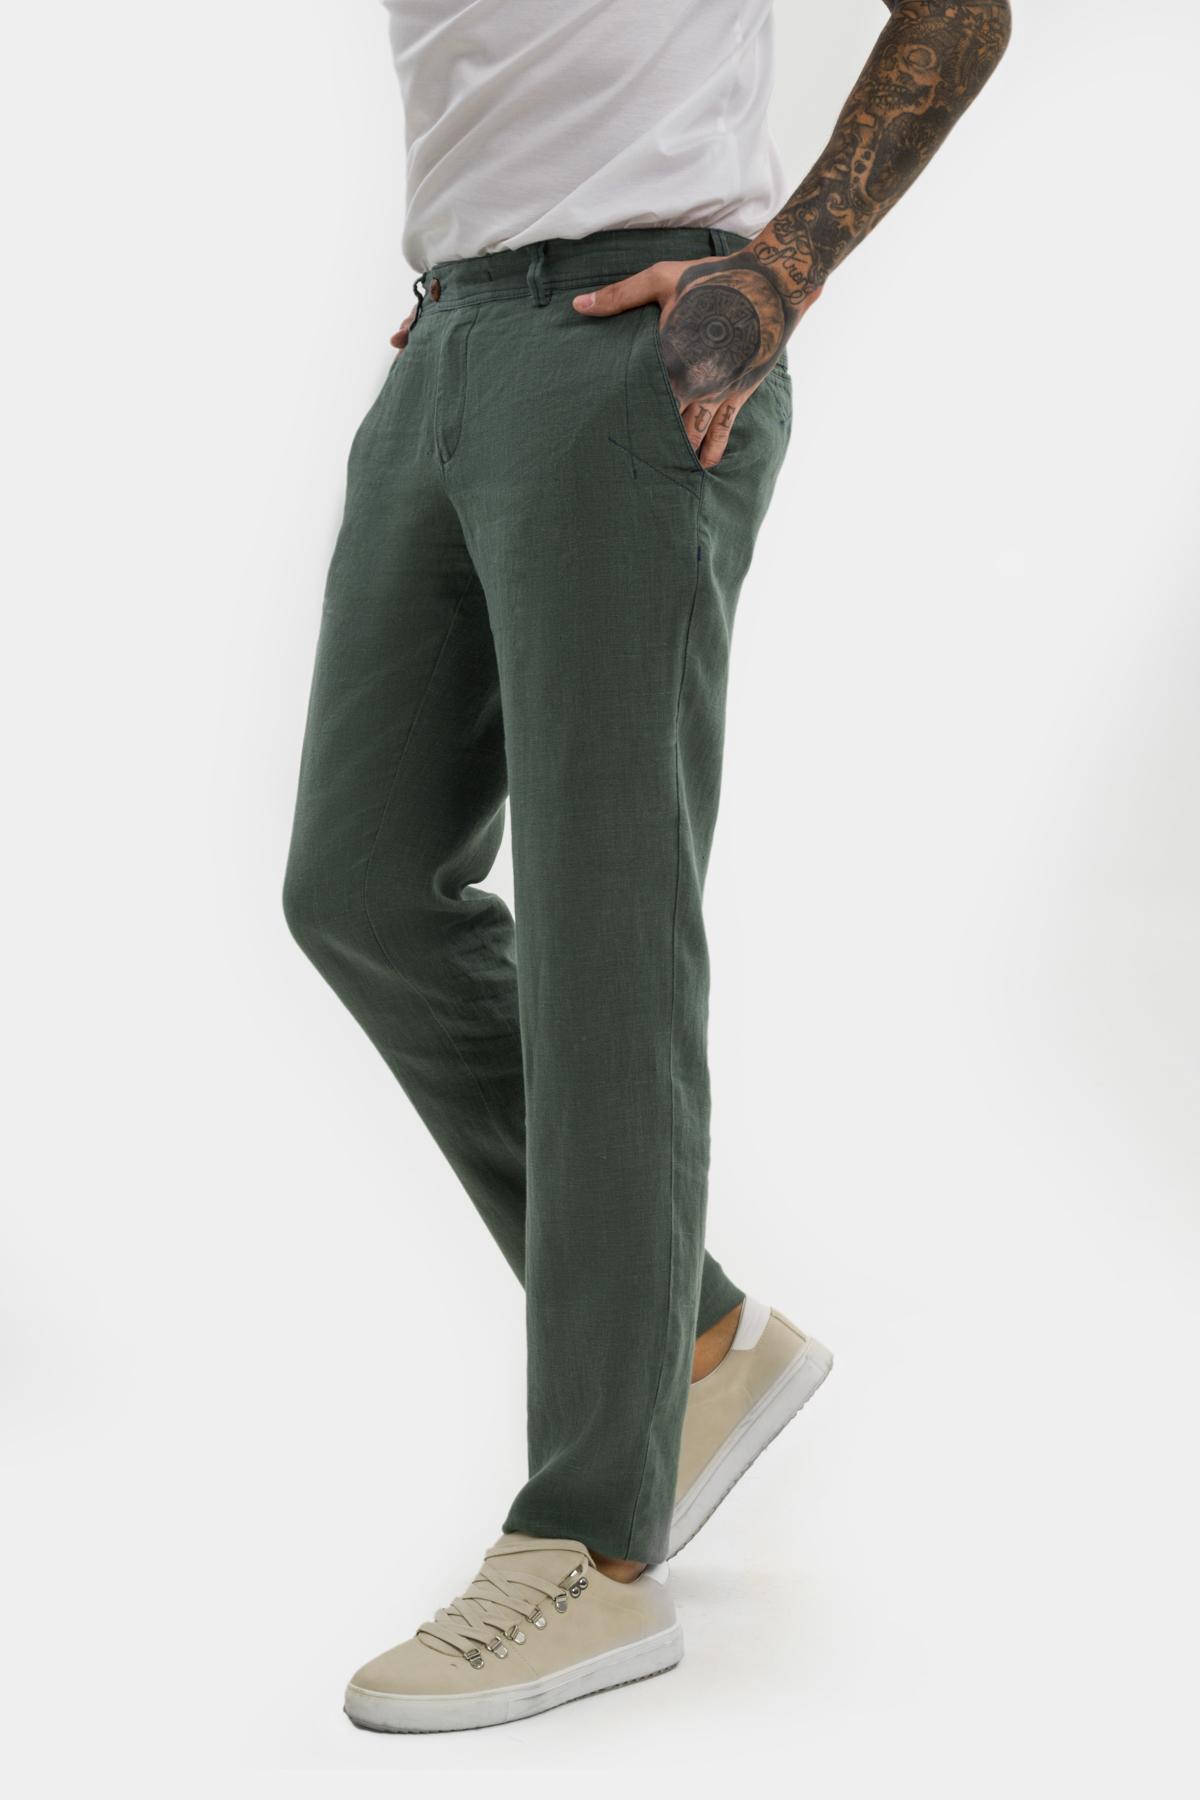 Зауженные брюки «chinos»,  изо льна.  Vaismann  21502